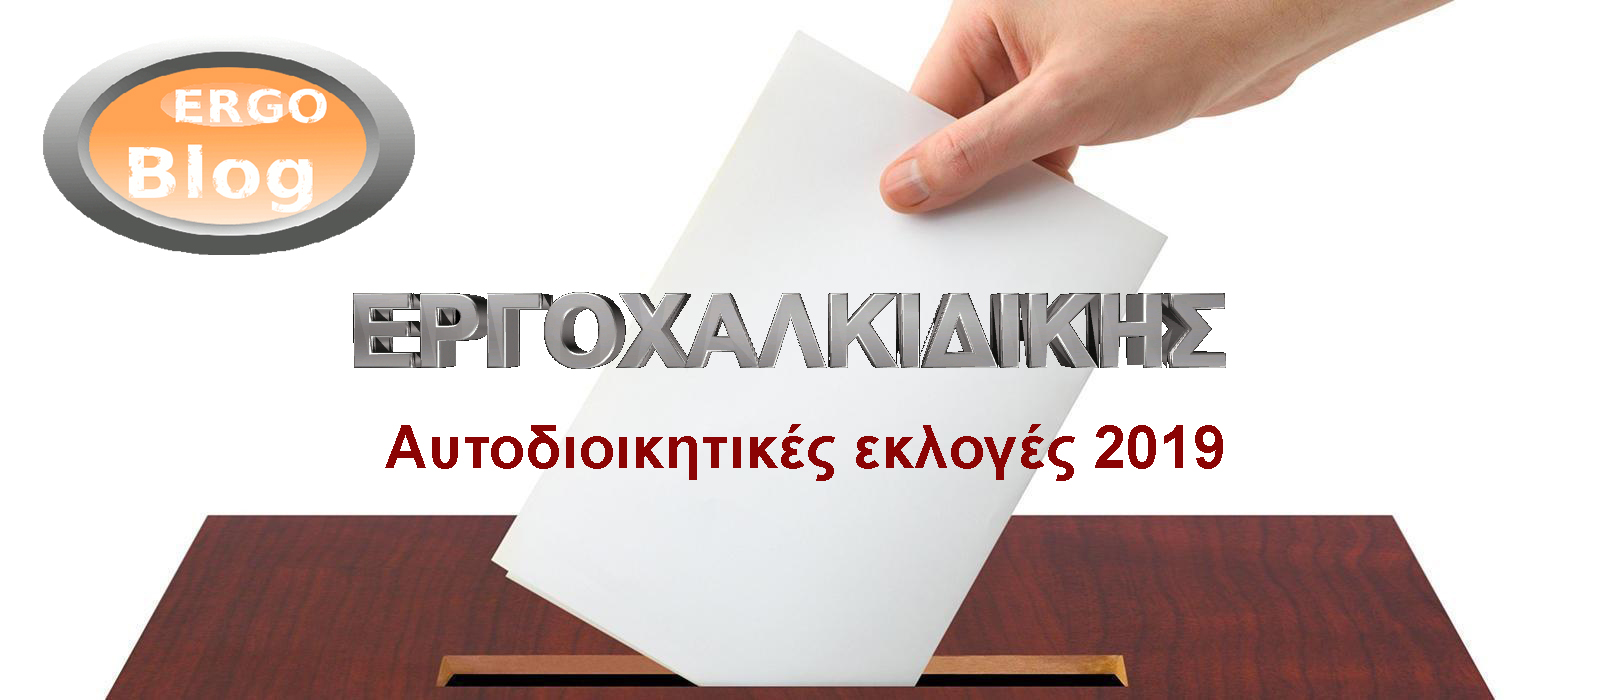 Στο Πρωτοδικείο οι υποψηφιότητες των εκλογών της Αυτοδιοίκησης στην Χαλκιδική